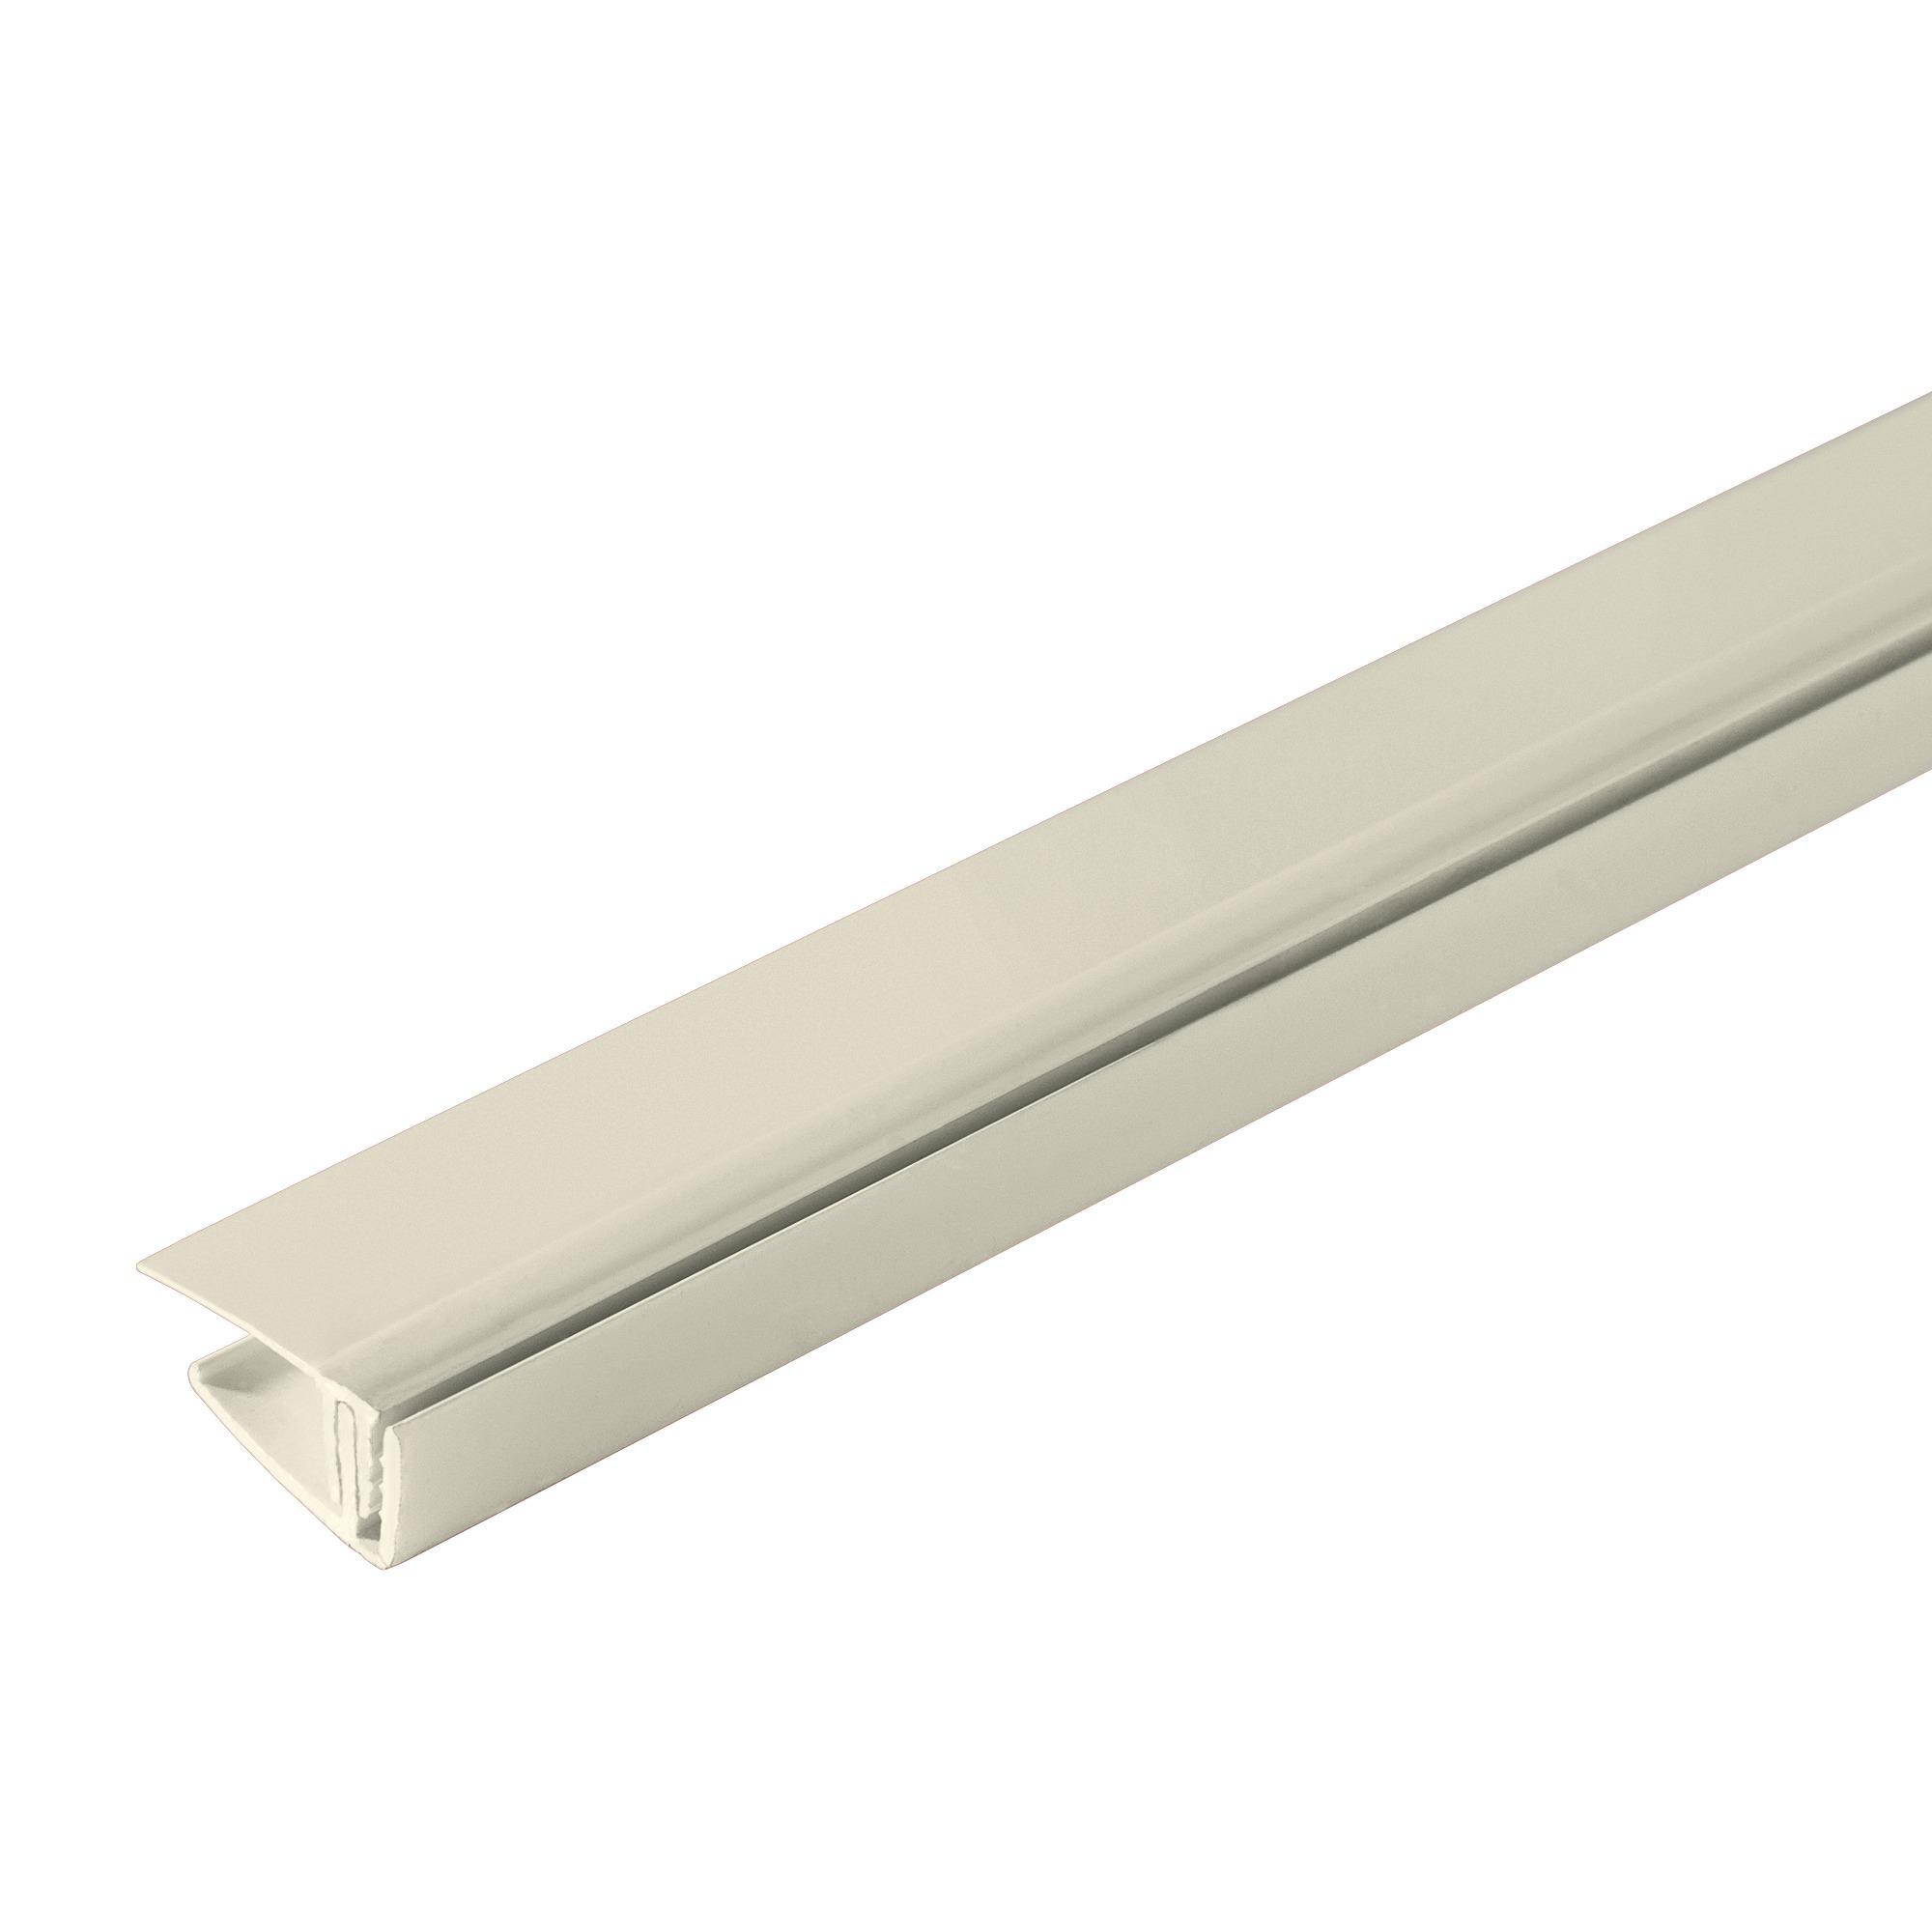 Grosfillex start eindprofiel 5 8 mm cotton 260 cm for Easyfix behang